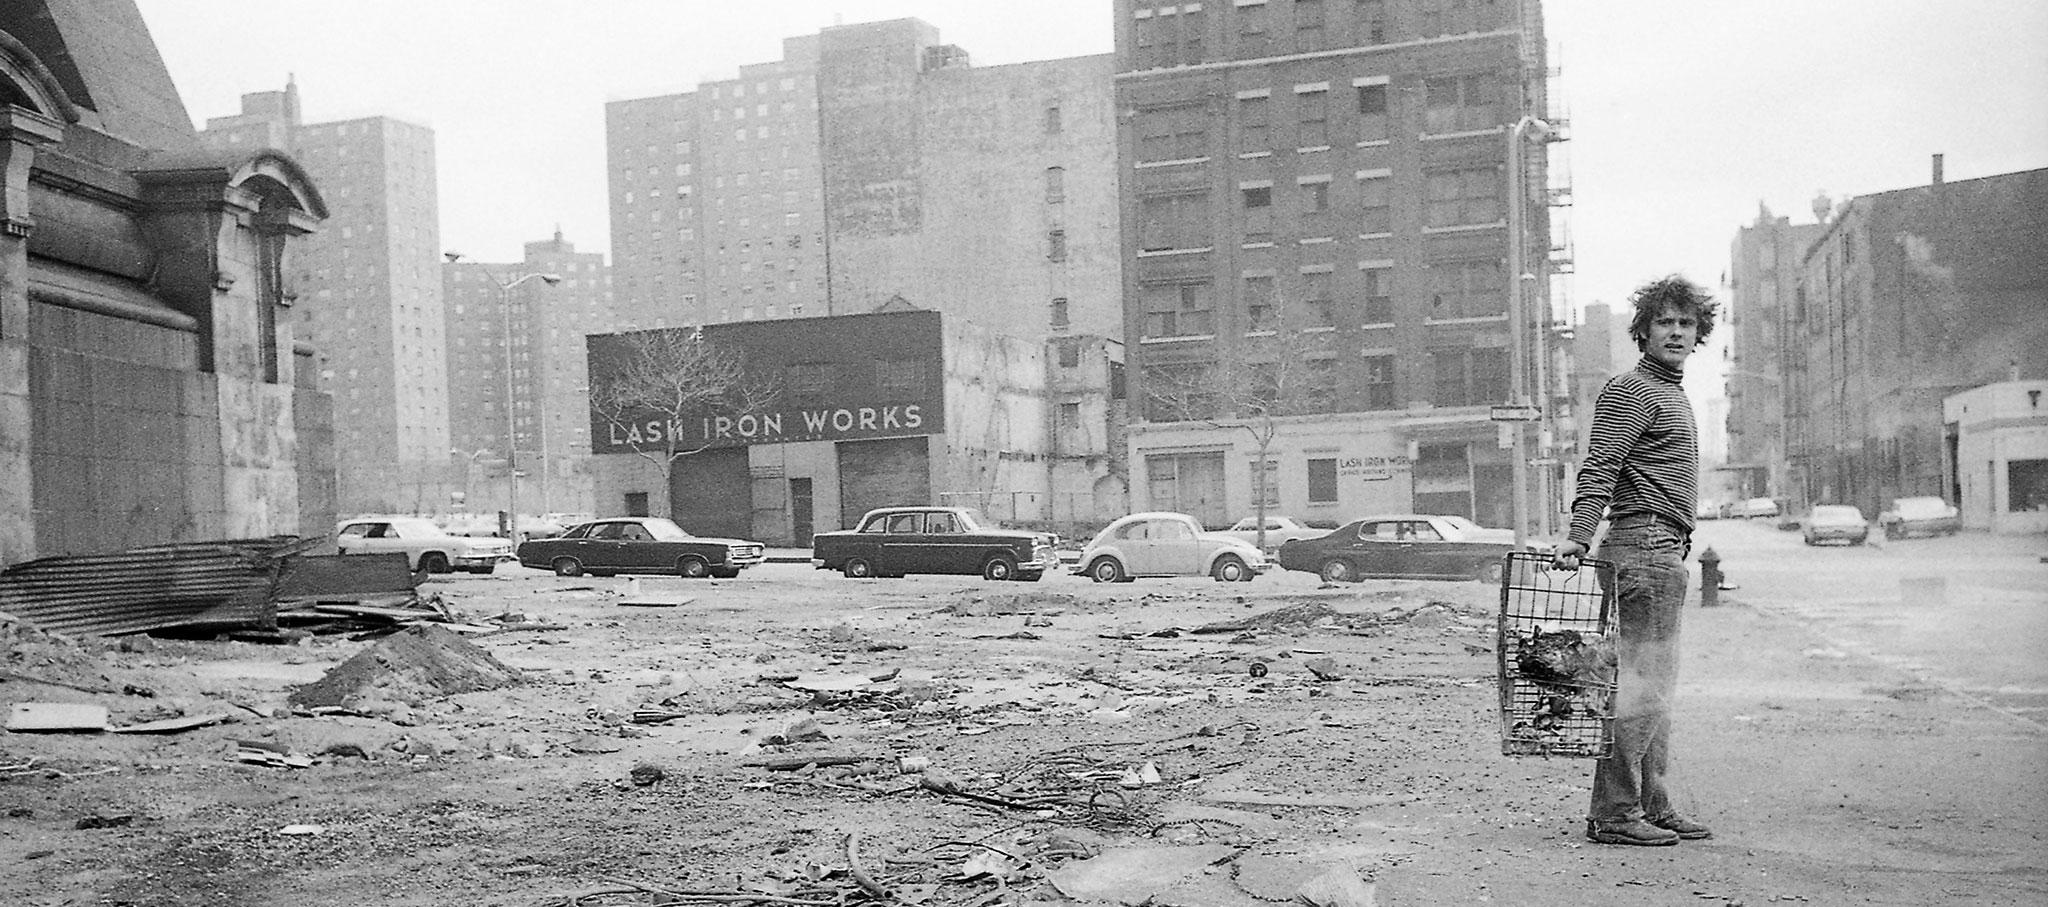 Gordon Matta-Clark creando un Muro de basura debajo del Puente de Brooklyn en 1970. © The Estate of Gordon Matta-Clark. © The Estate of Gordon Matta-Clark / Artists Rights Society (ARS), Nueva York Cortesía The Estate of Gordon Matta-Clark y David Zwirner